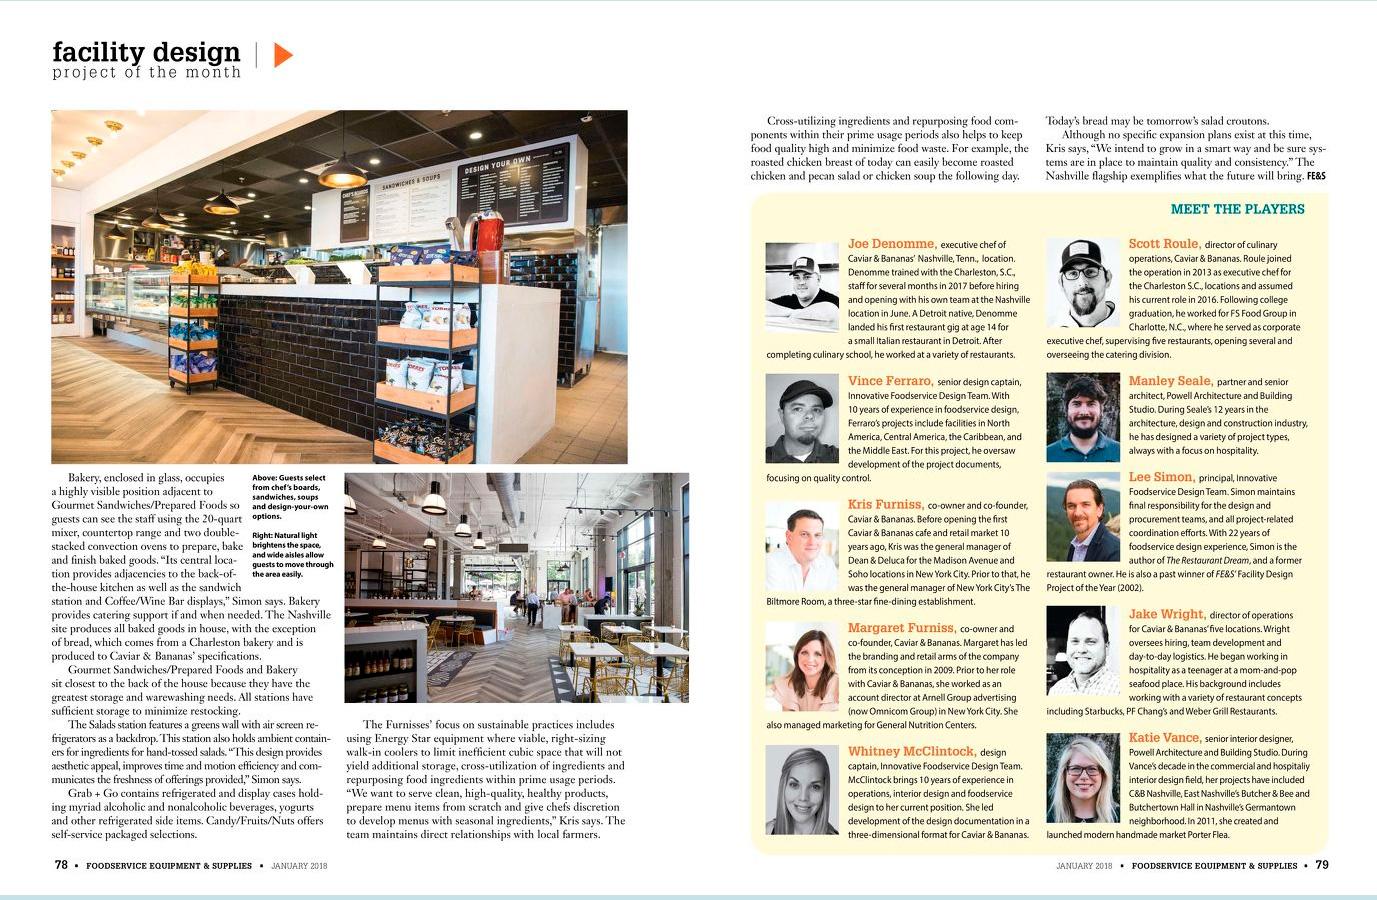 Caviar-5 Caviar and Bananas chose Arctic Walk-Ins for their Nashville location